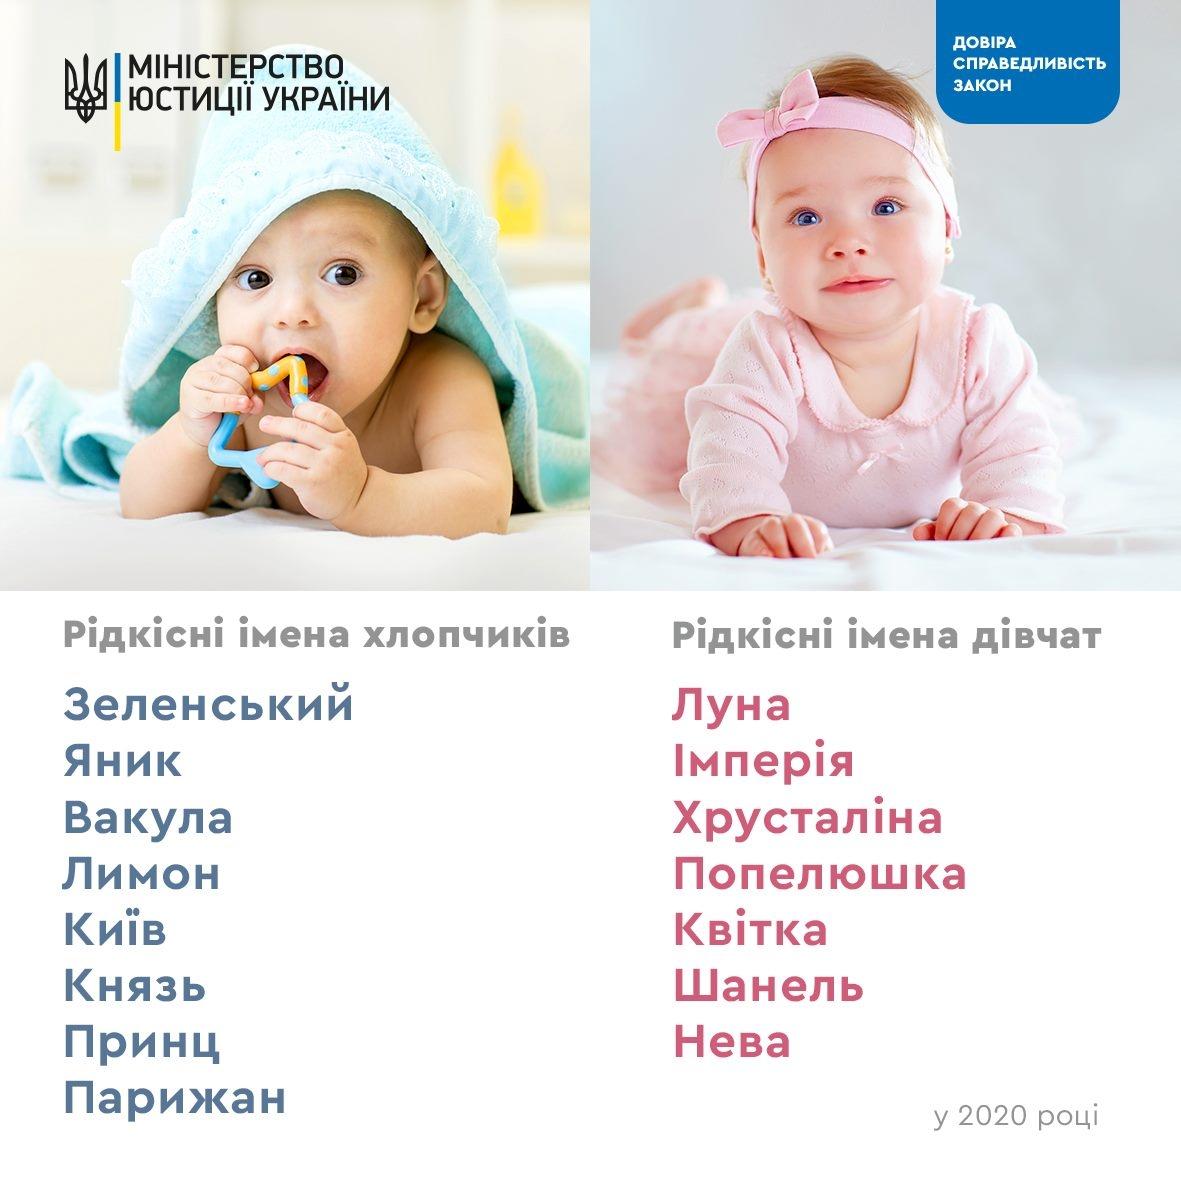 имена для детей в 2020 году